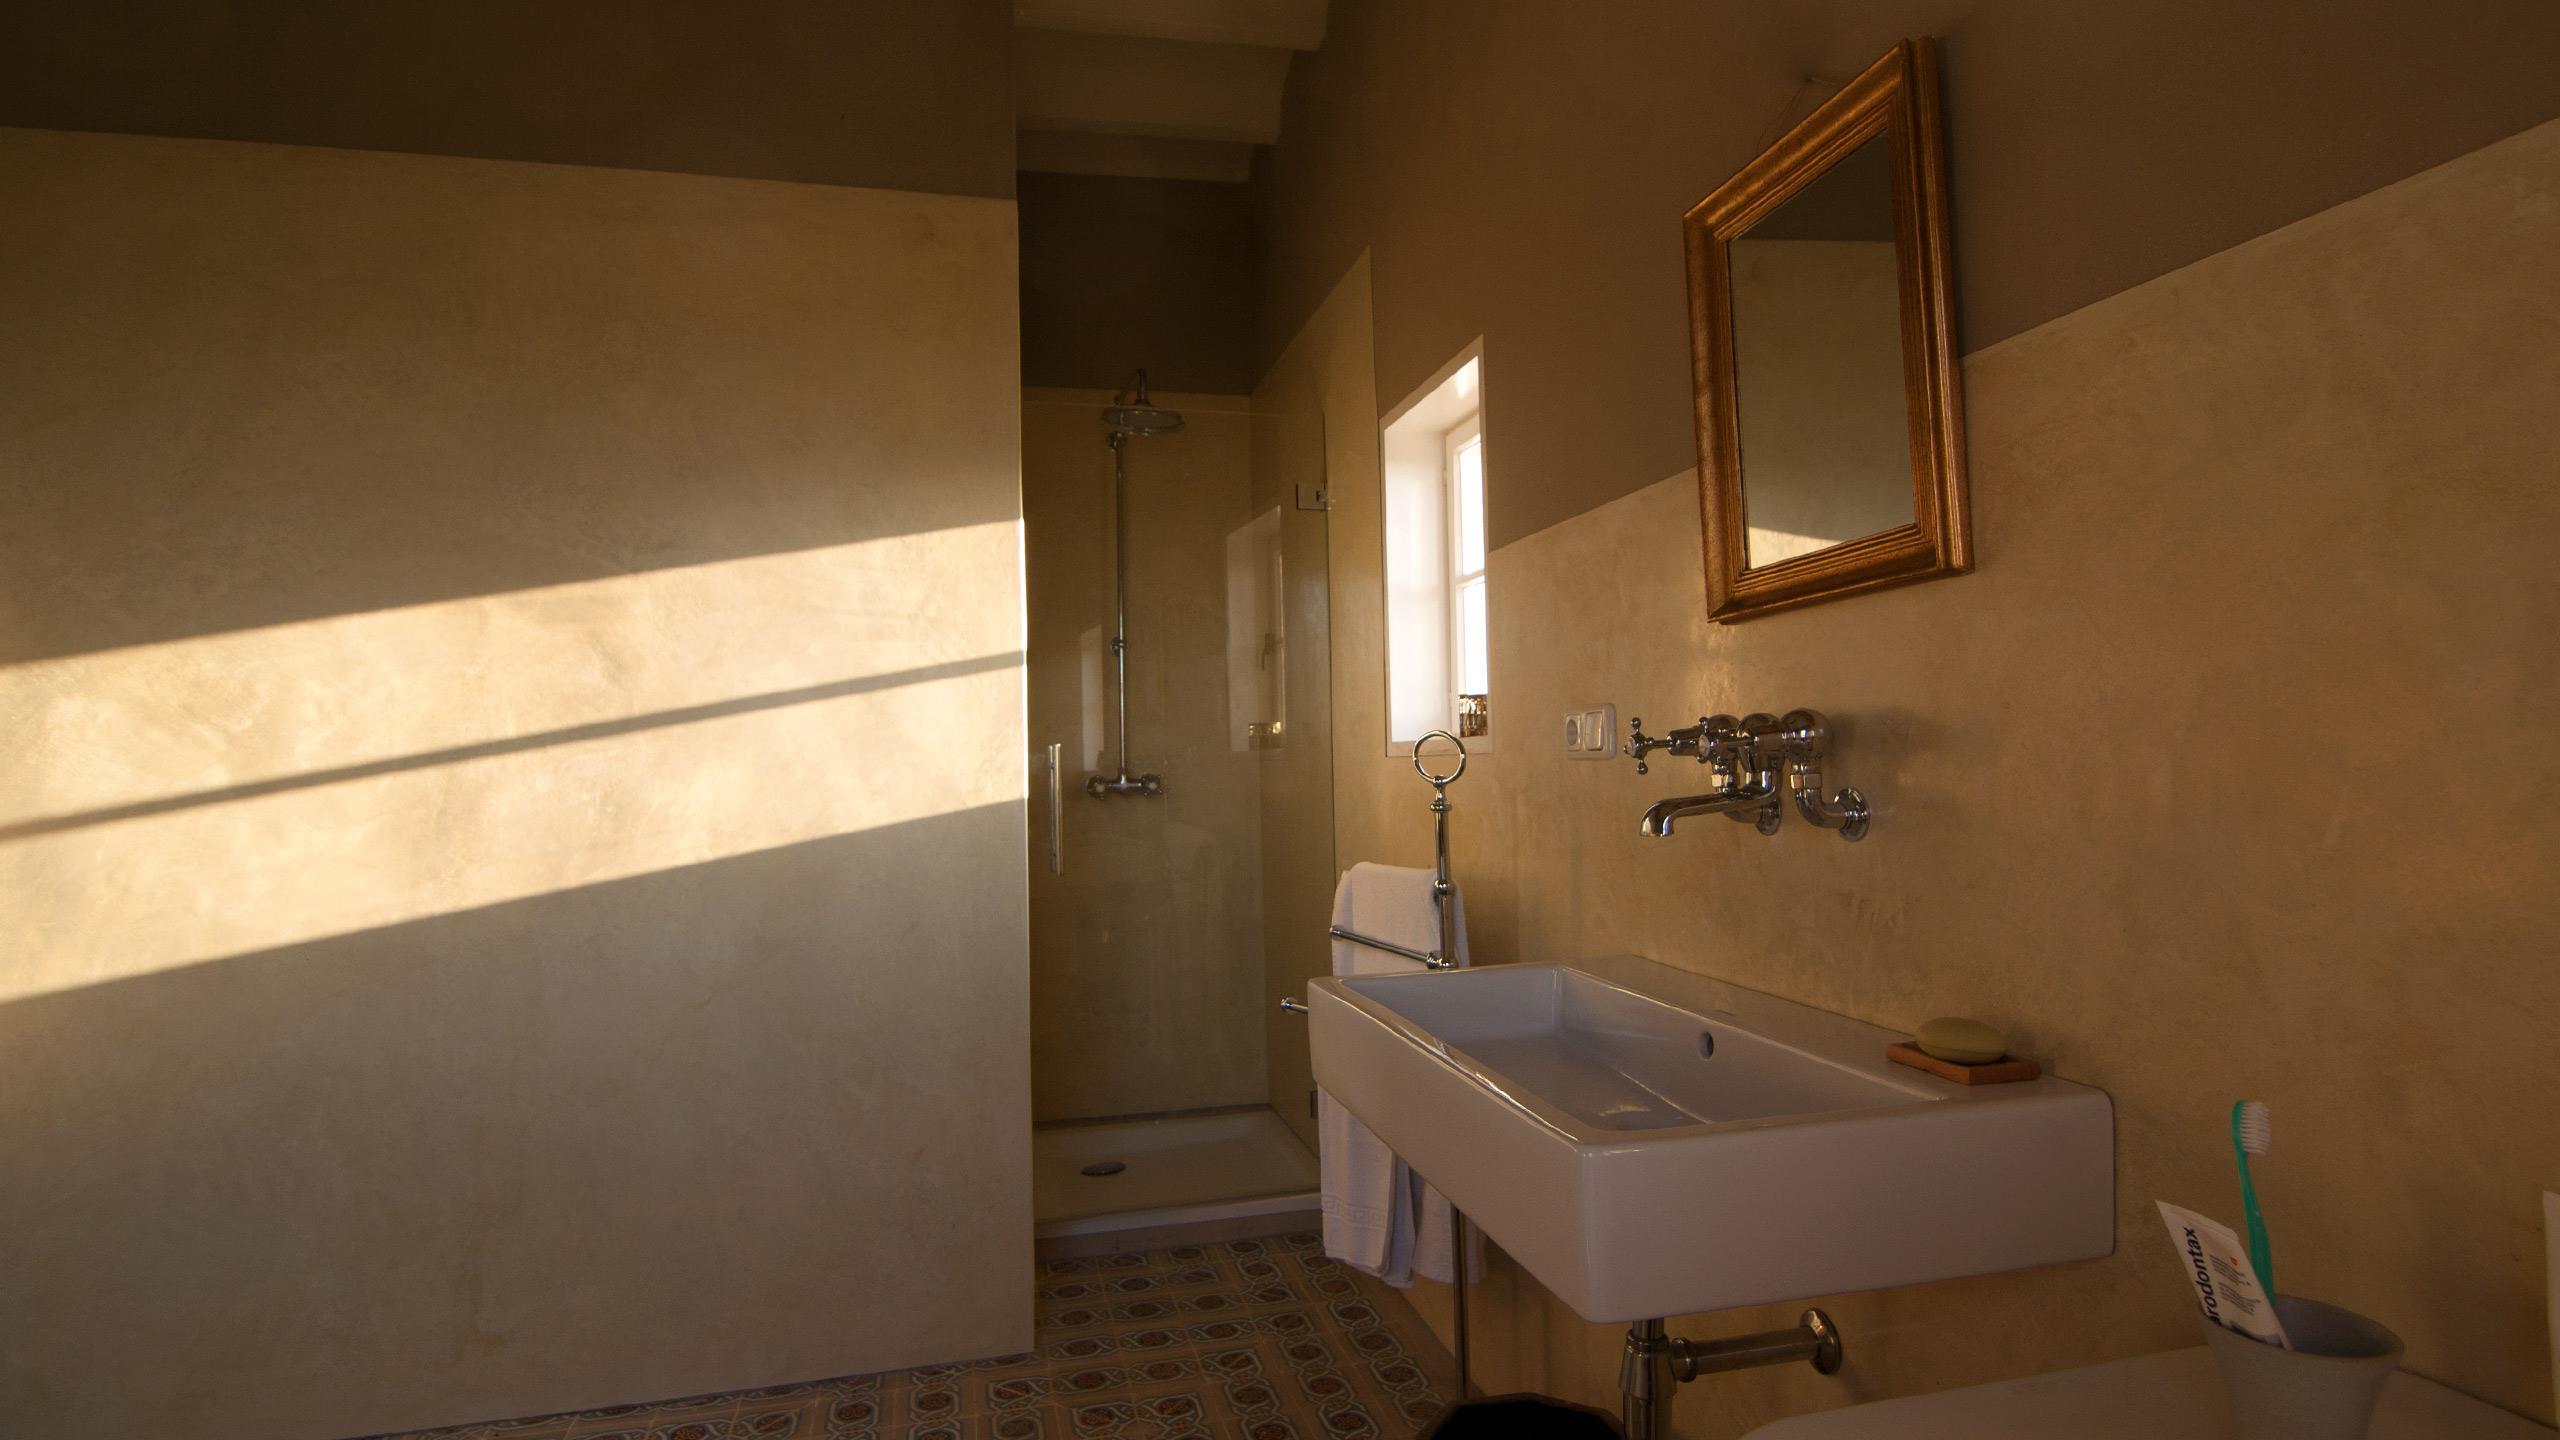 WaterproofStucco - Luxury bathroom, Playing light